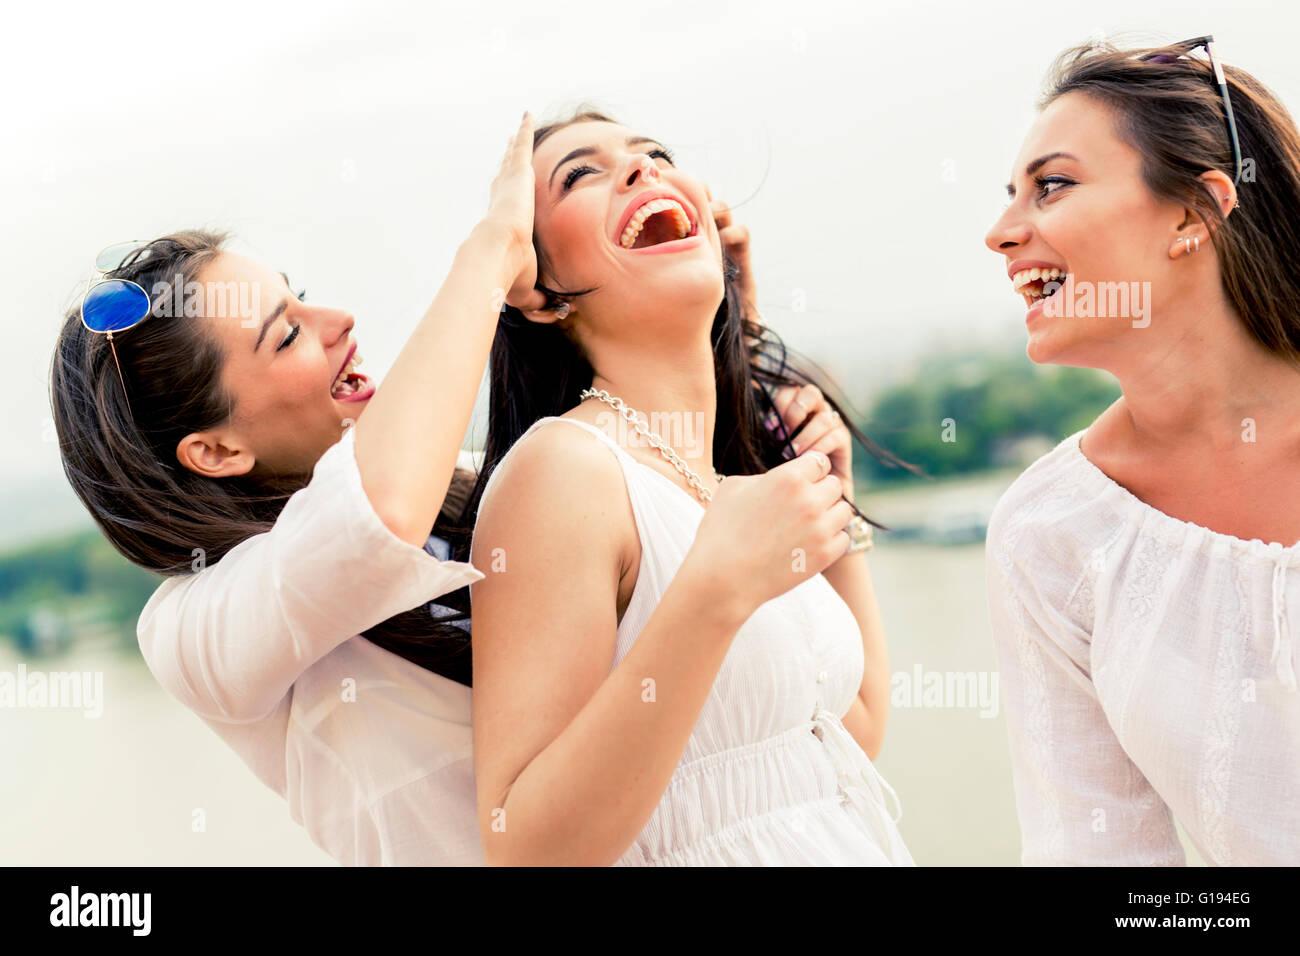 Mujer alegre diversión al aire libre y riendo felizmente Imagen De Stock